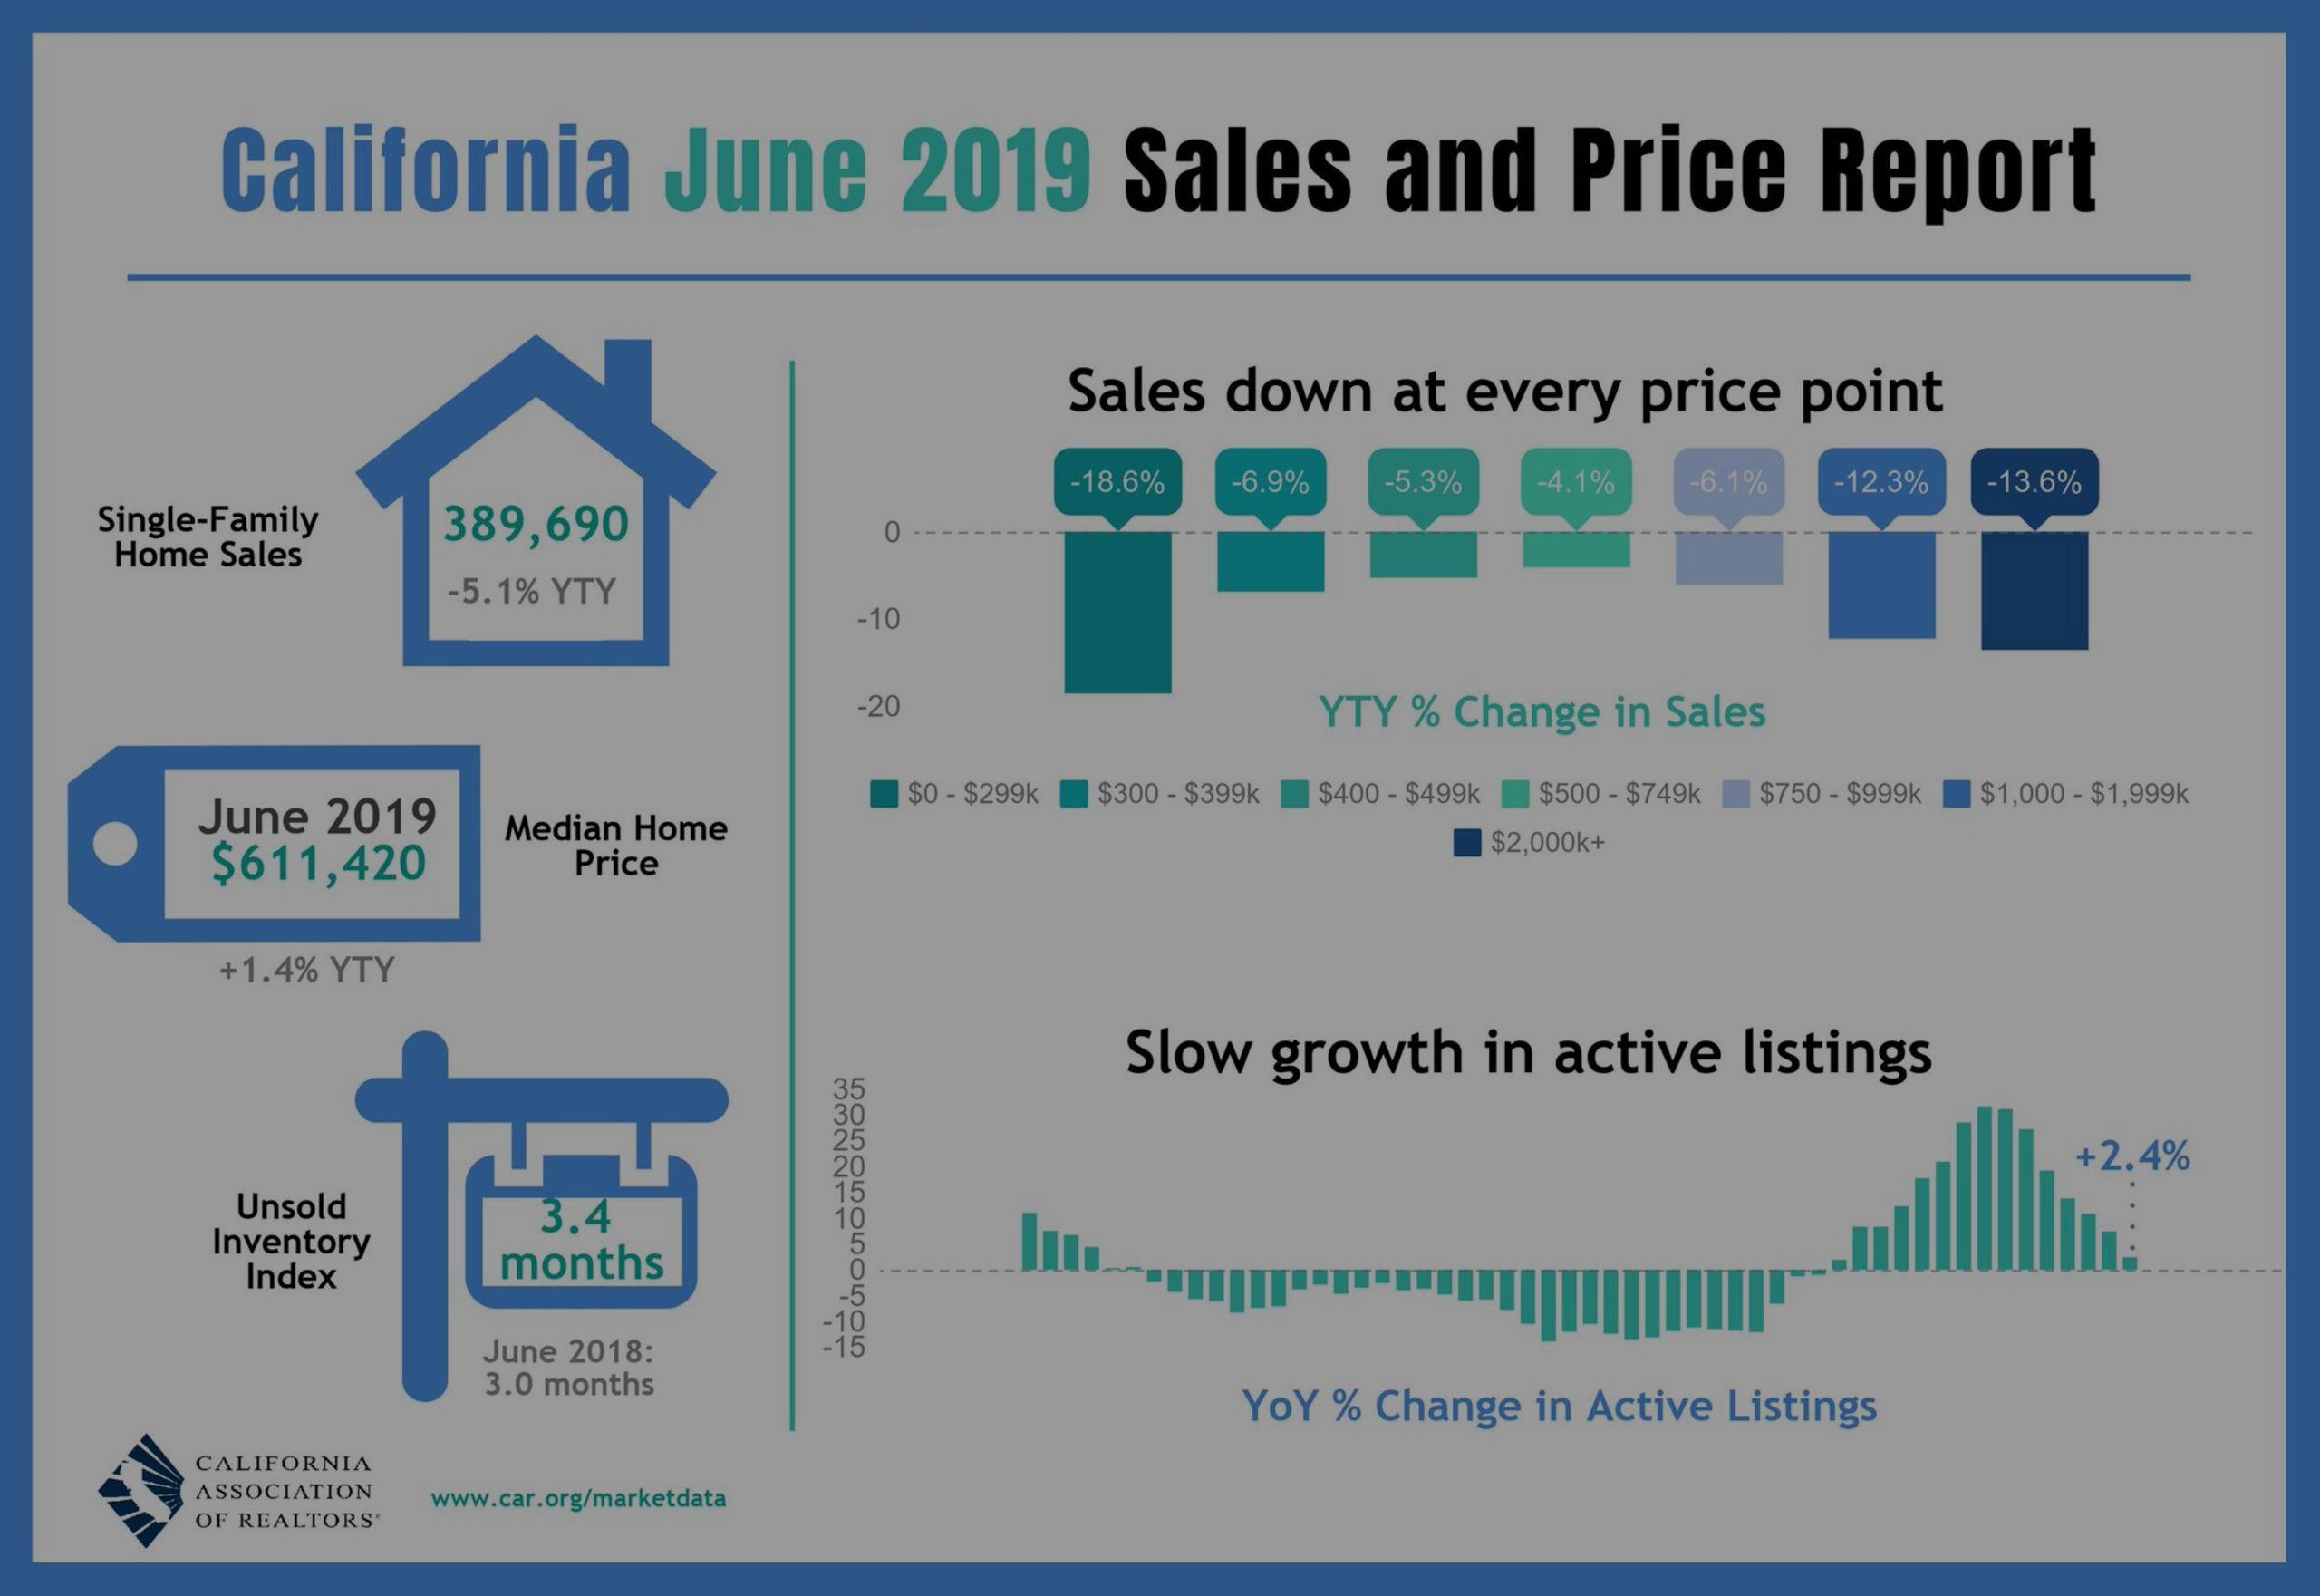 California June 2019 Sales and Price Report